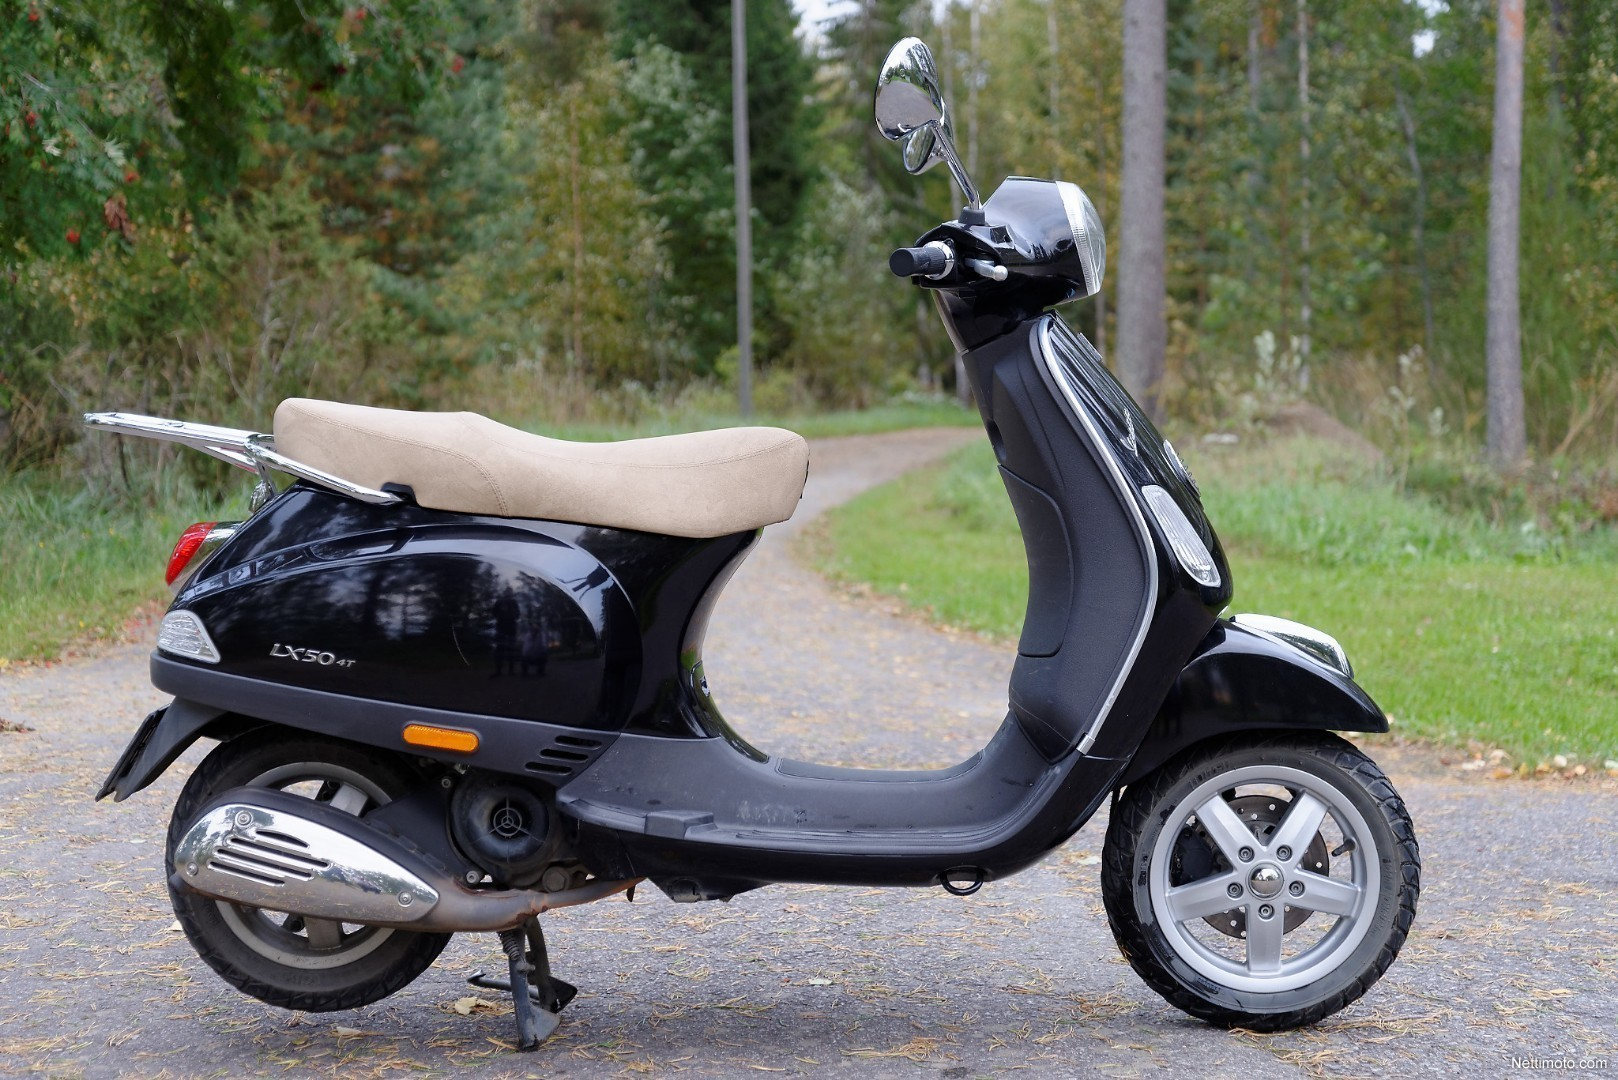 Vespa LX 50 LX-50 4T 50 cm³ 2012 - Joensuu - Skootteri